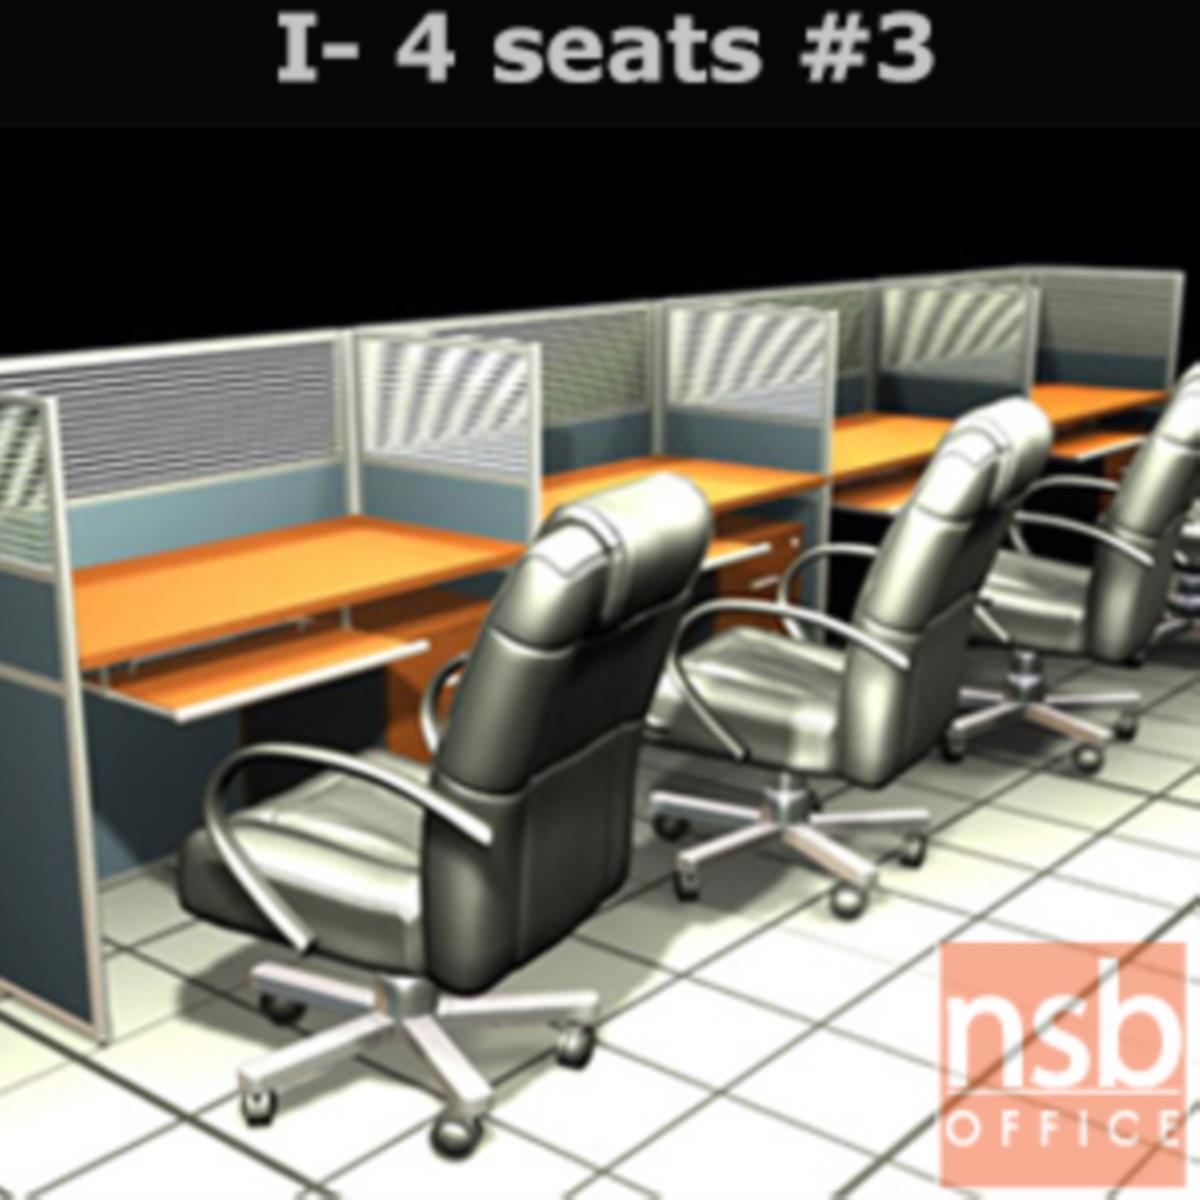 A04A086:ชุดโต๊ะทำงานกลุ่ม 4 ที่นั่ง   ขนาดรวม 490W*62D cm. พร้อมพาร์ทิชั่นครึ่งกระจกขัดลาย